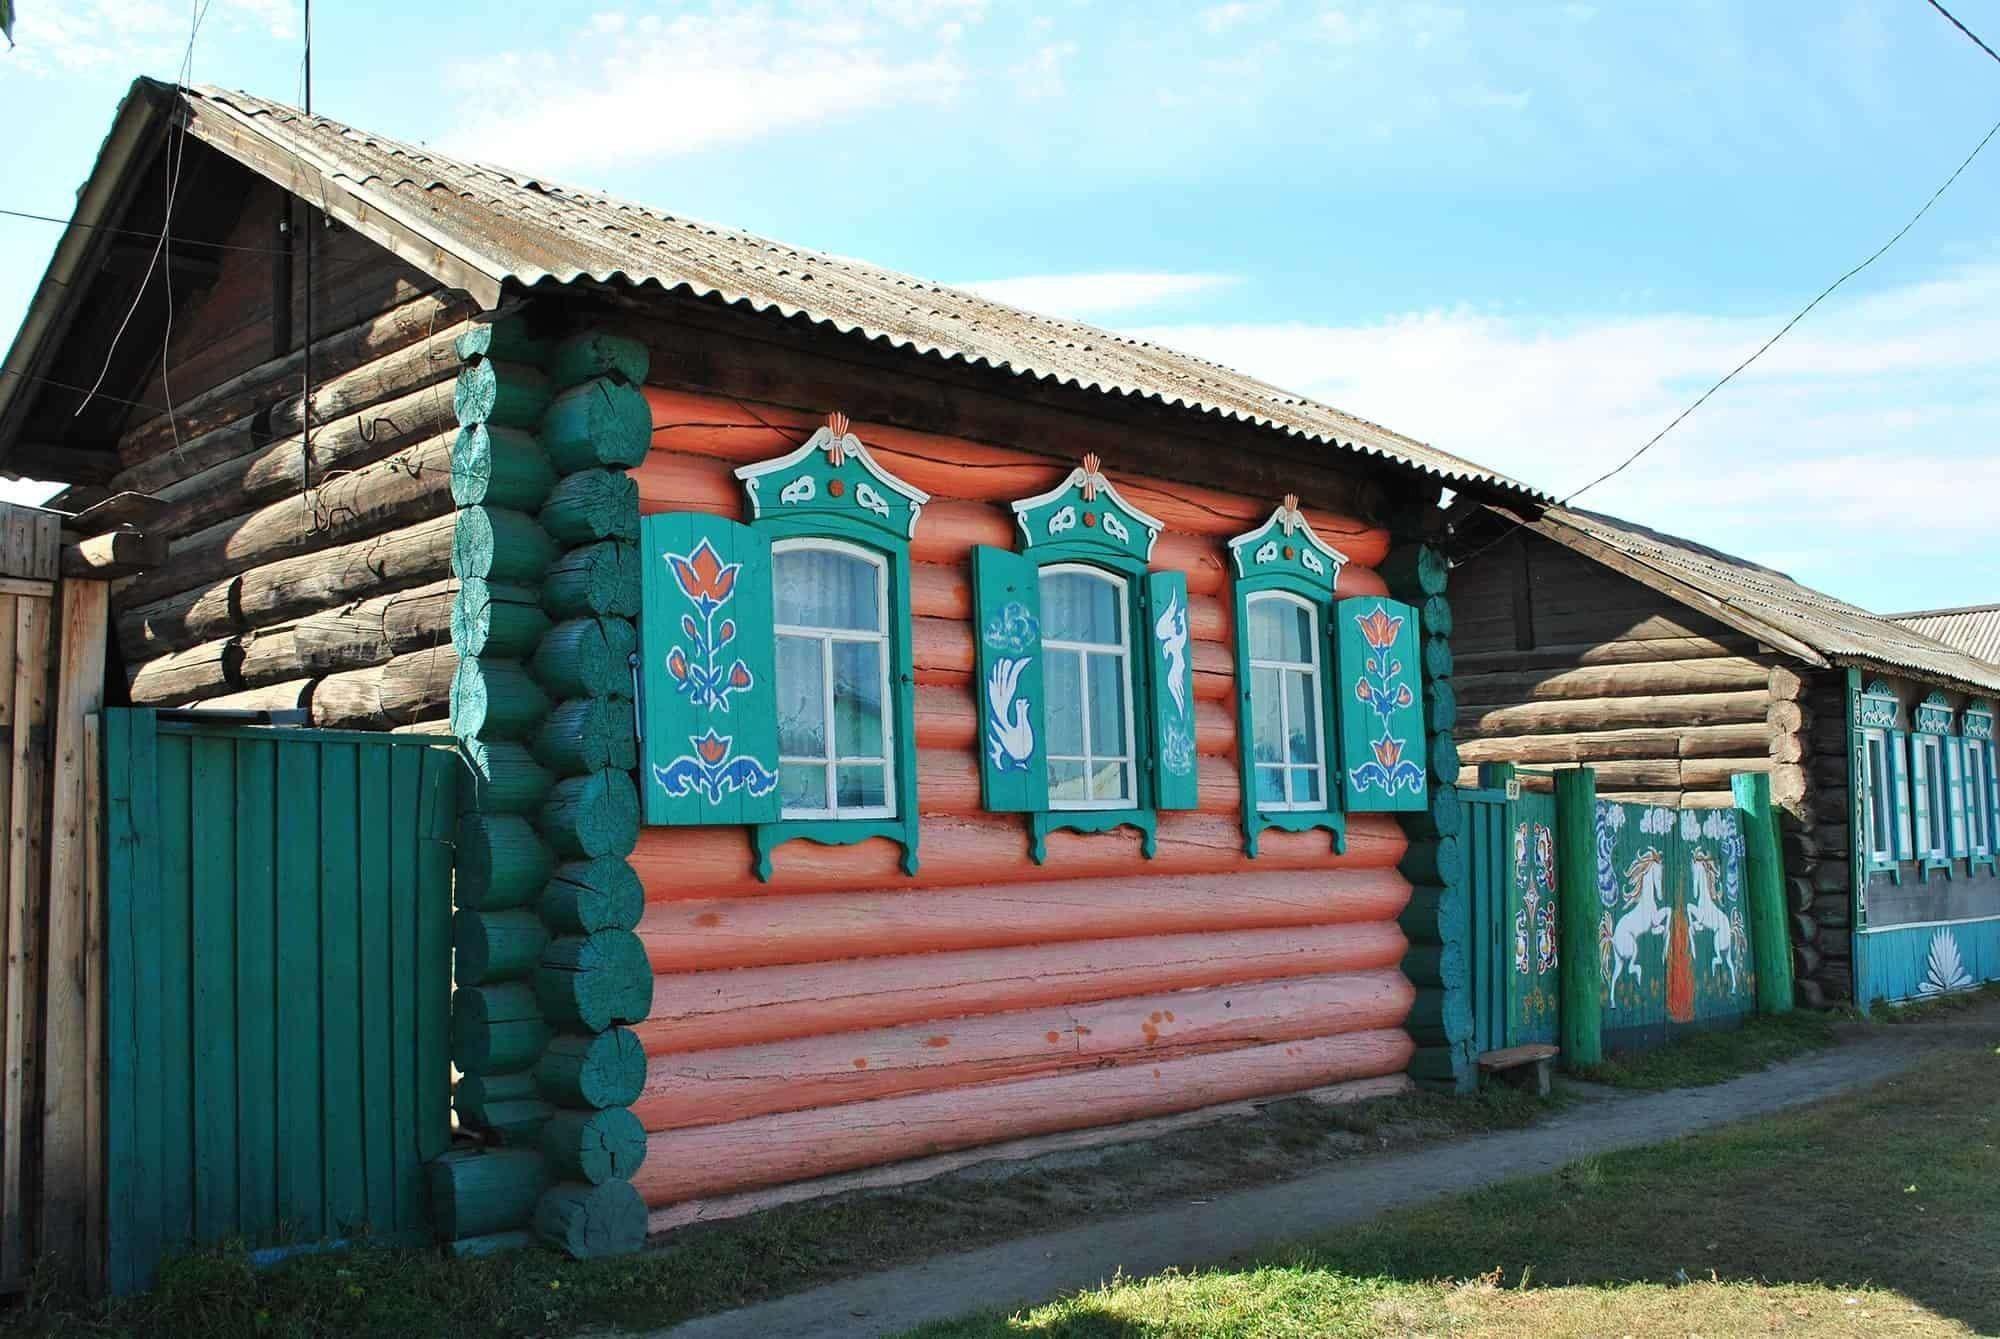 Tur-na-baikal-olkhon-i-buryatiya-2020-(36)_1567683642